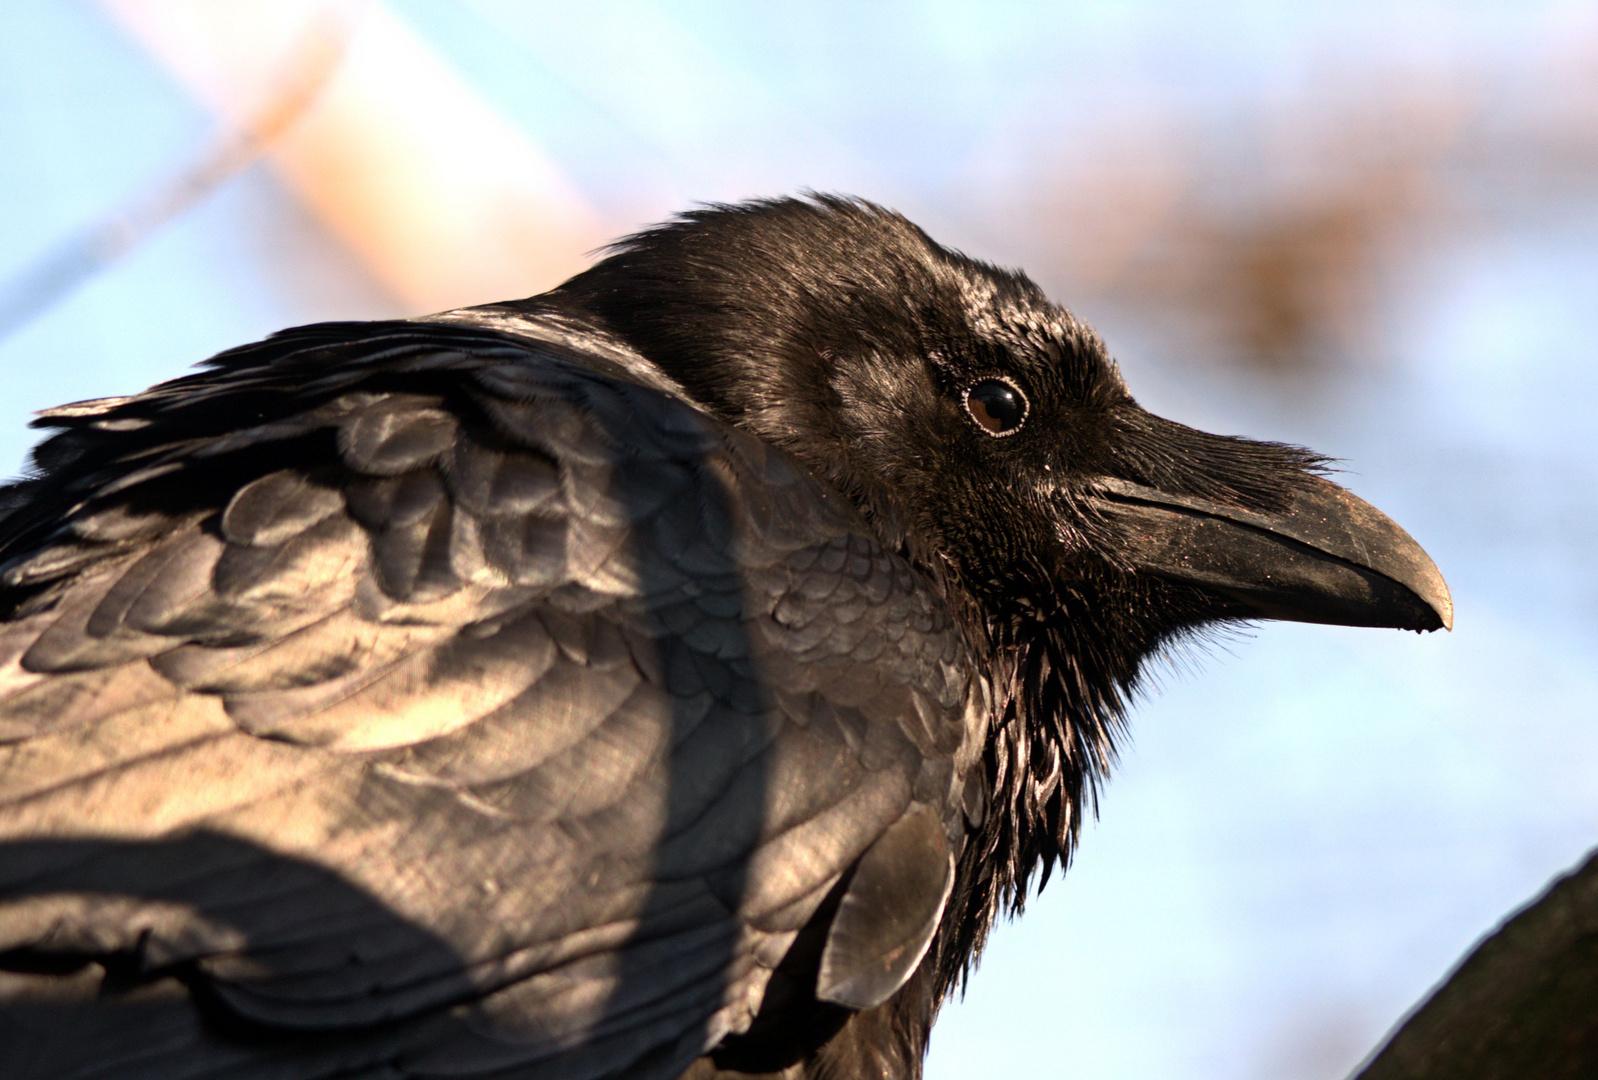 Schwarz,dunkel, unheimlich ! Schön.